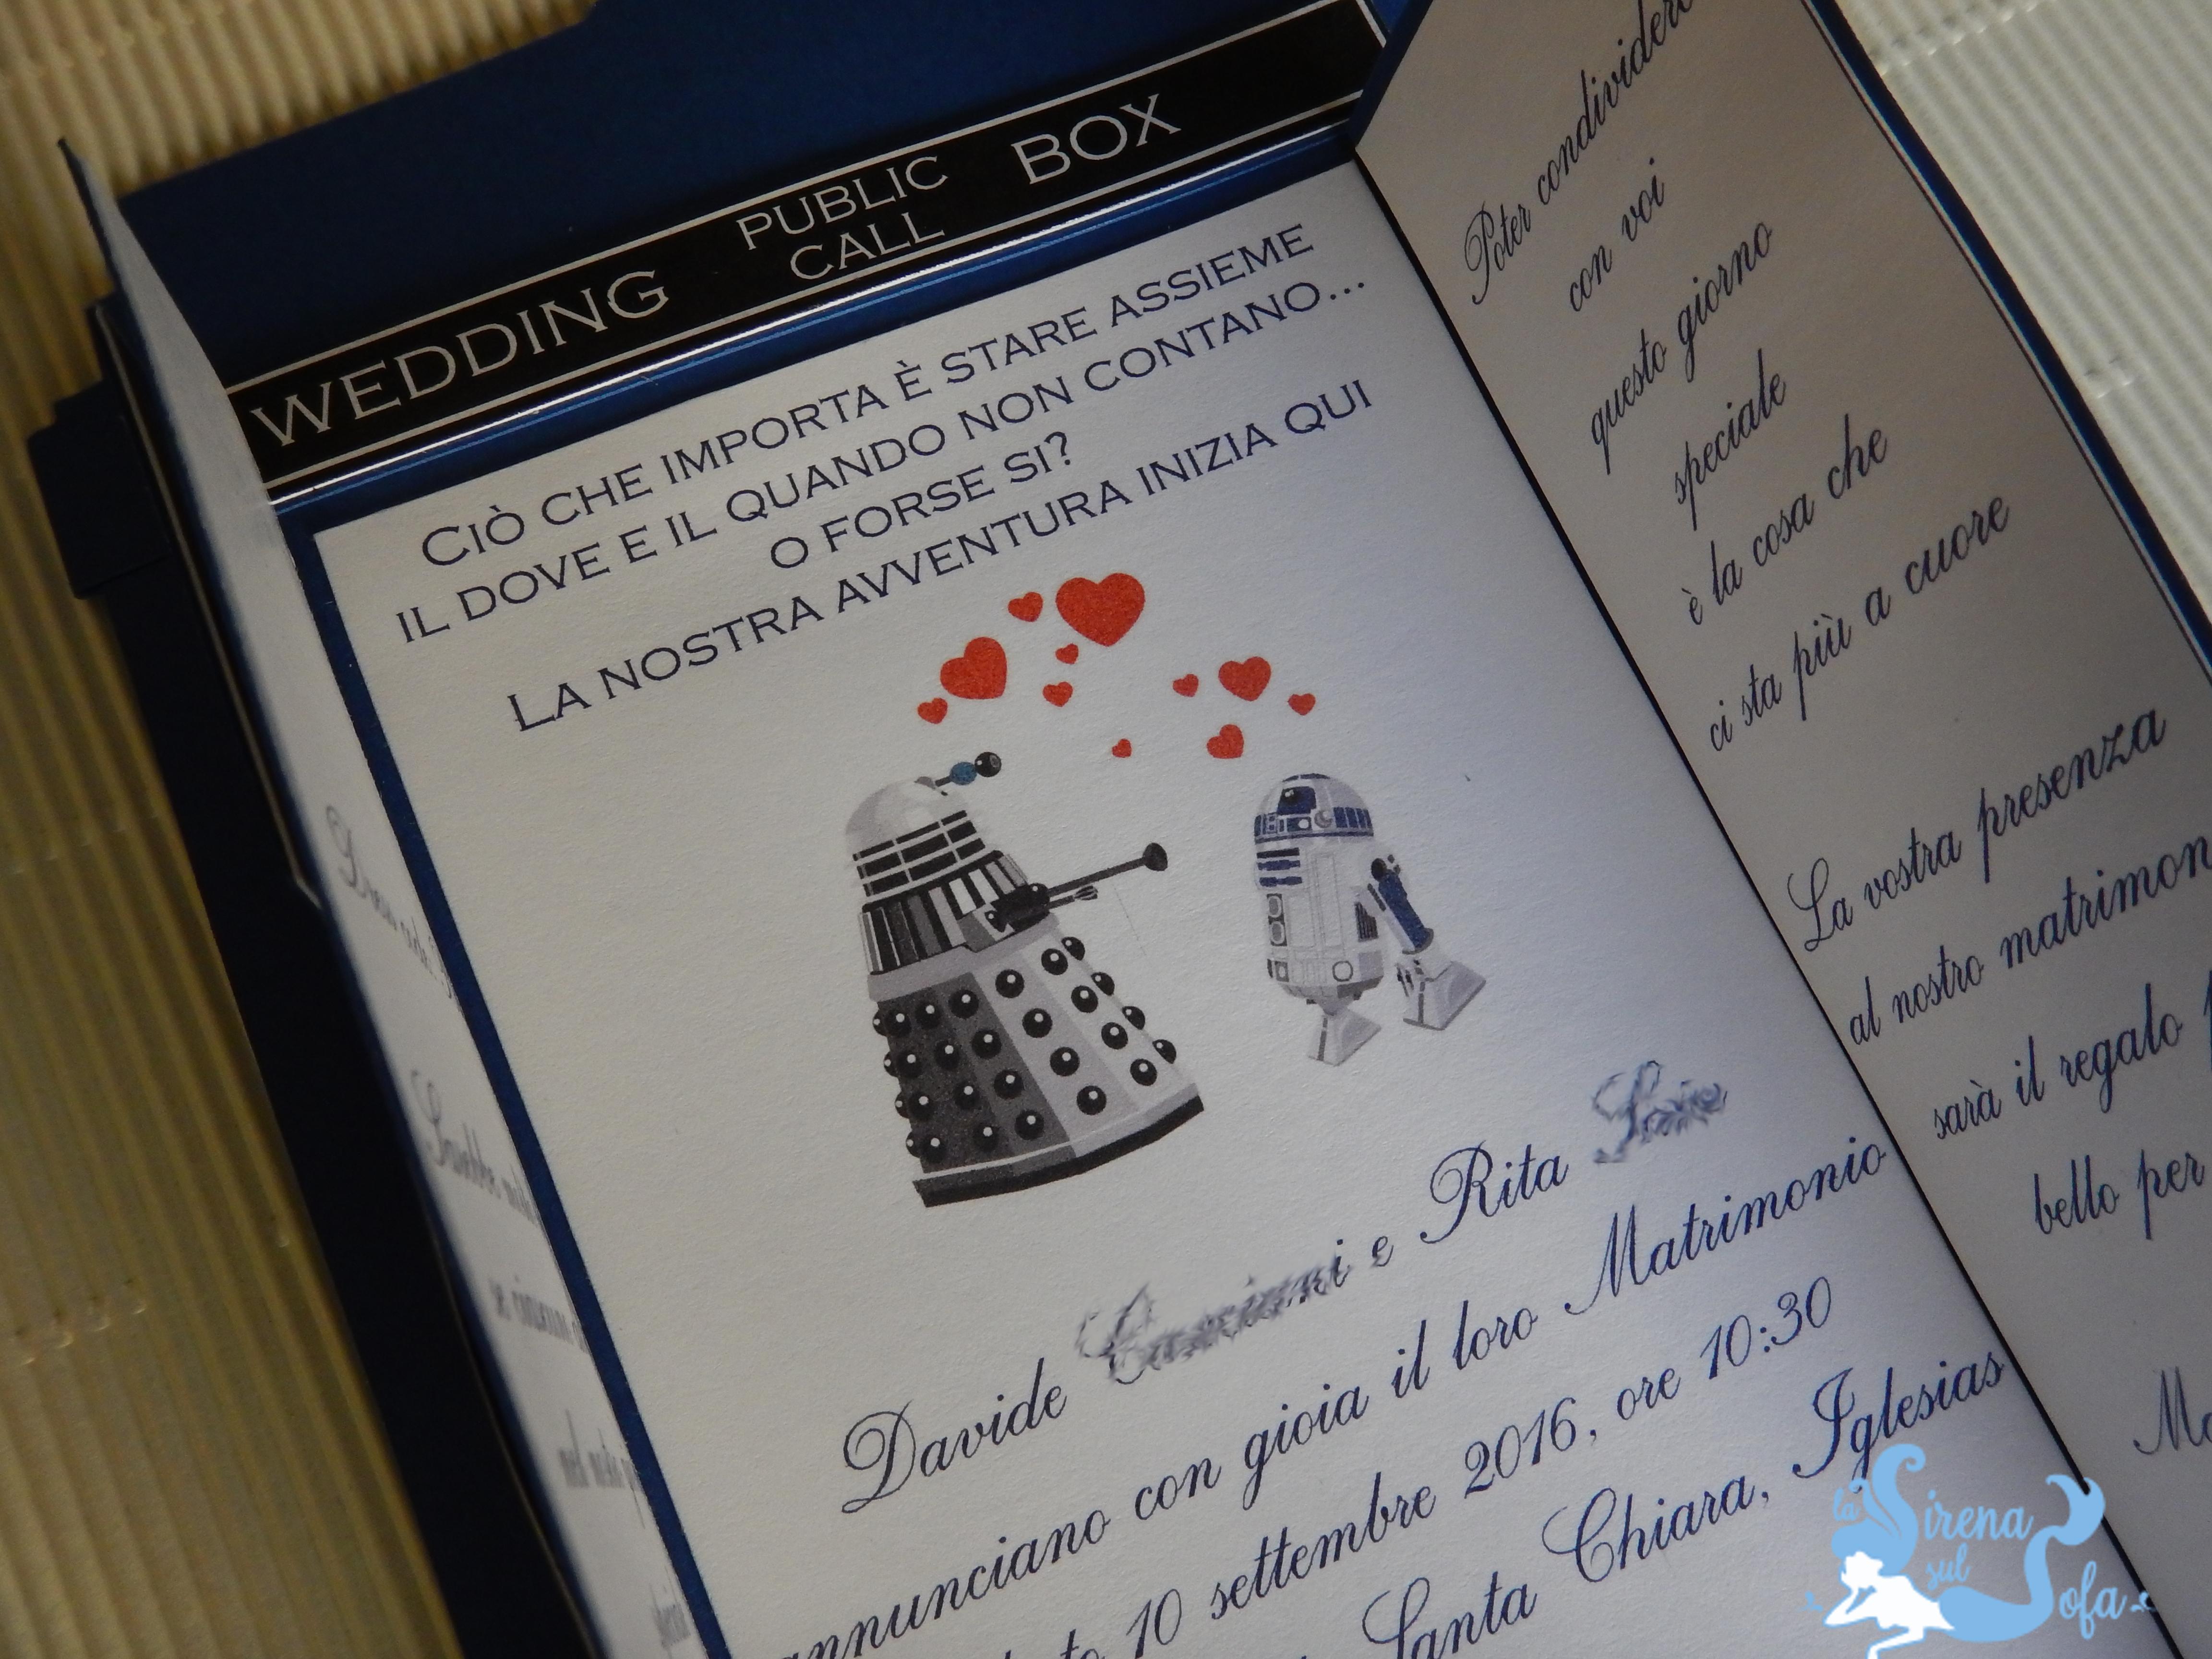 partecipazione Doctor Who